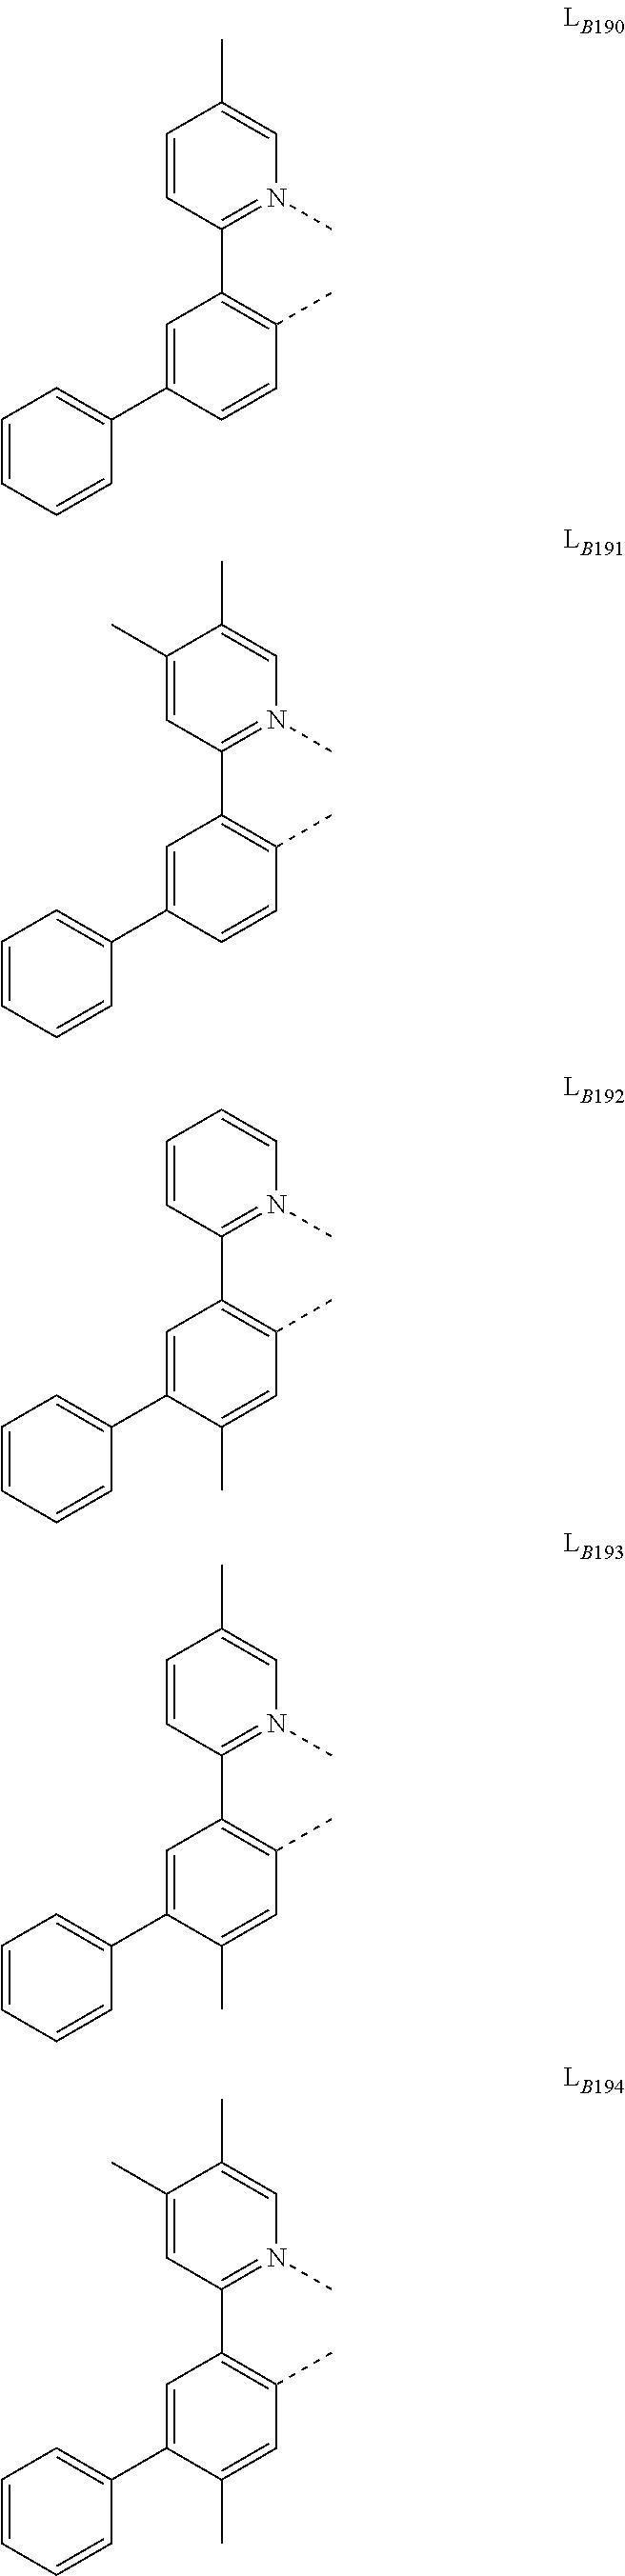 Figure US20180130962A1-20180510-C00298